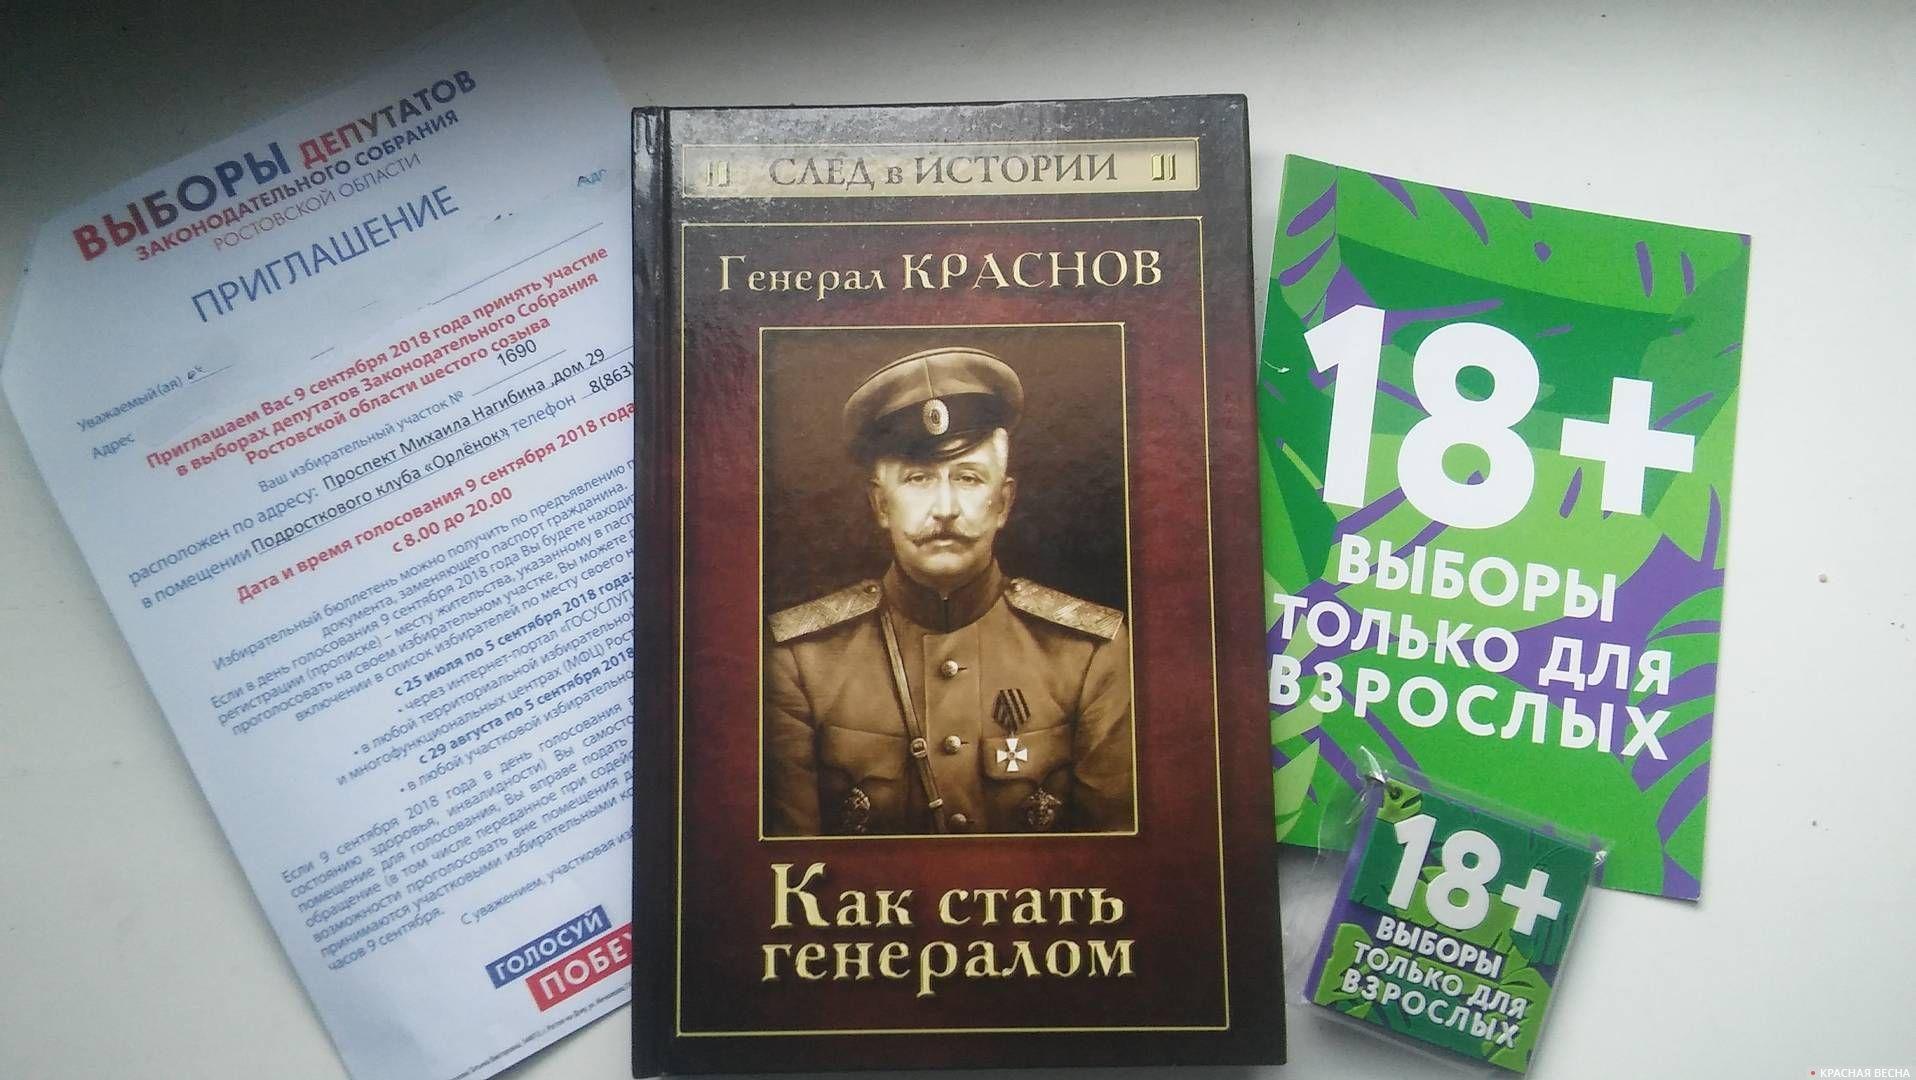 Подарок молодому избирателю на выборах 9 сентября 2018 года. Ростов-на-Дону